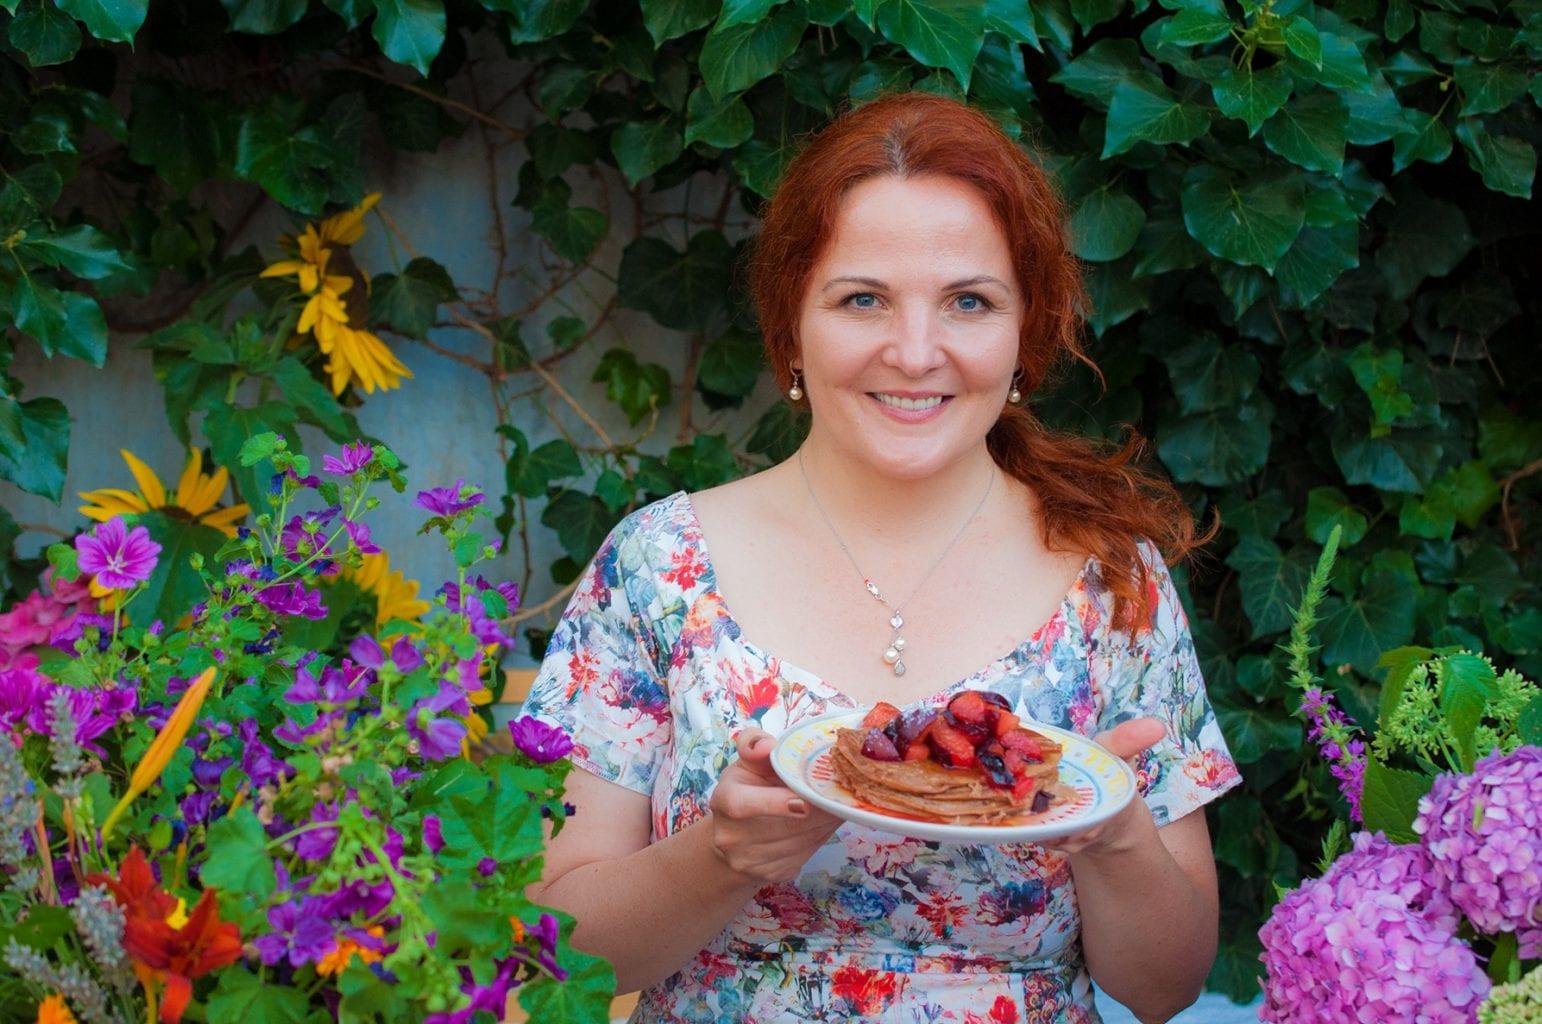 Recept na kakaové lievance s kefírom podľa šéfredaktorky Jany Štrbkovej